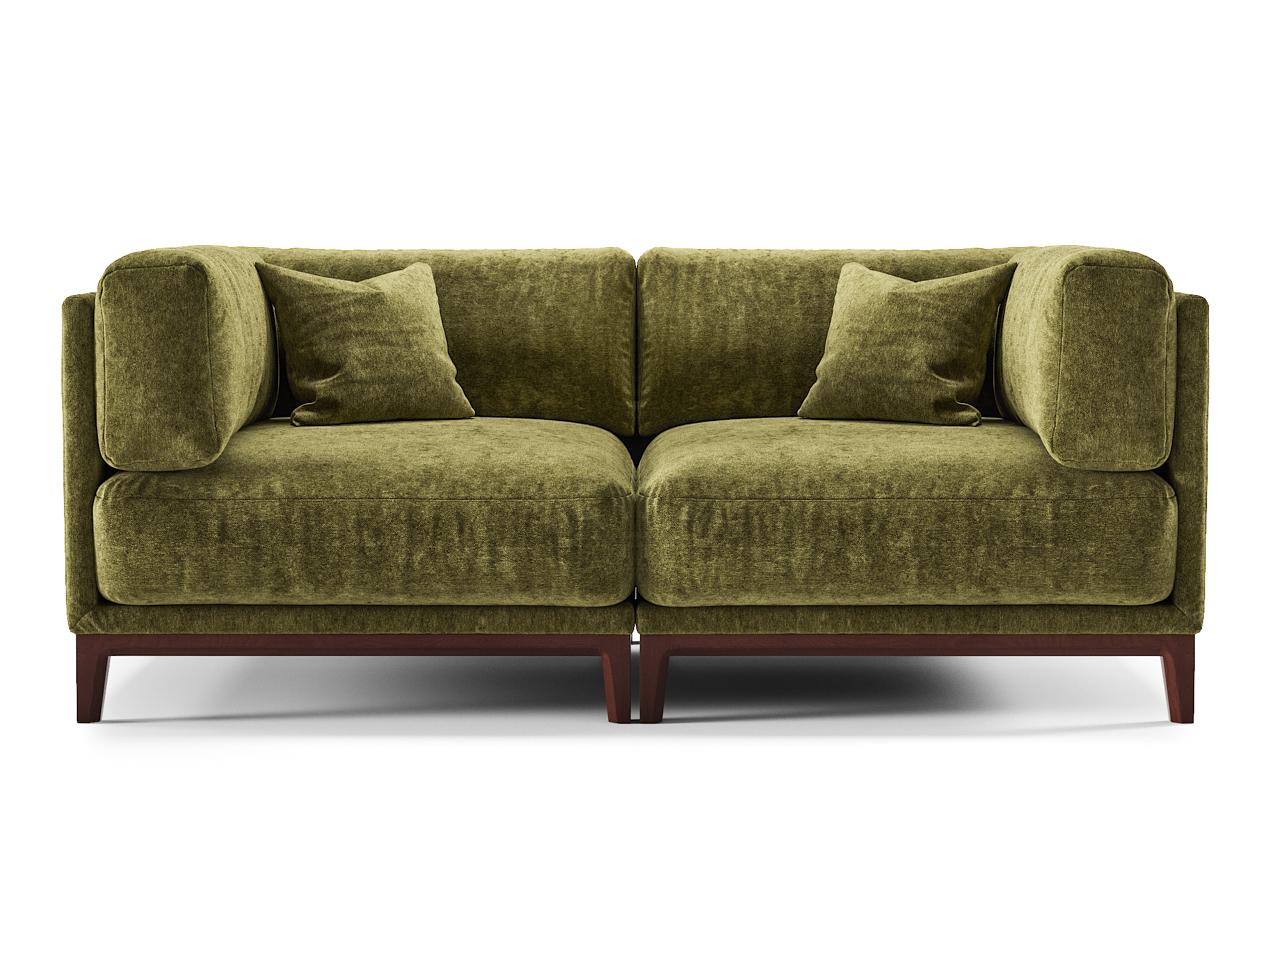 The idea диван case зеленый 108260/1